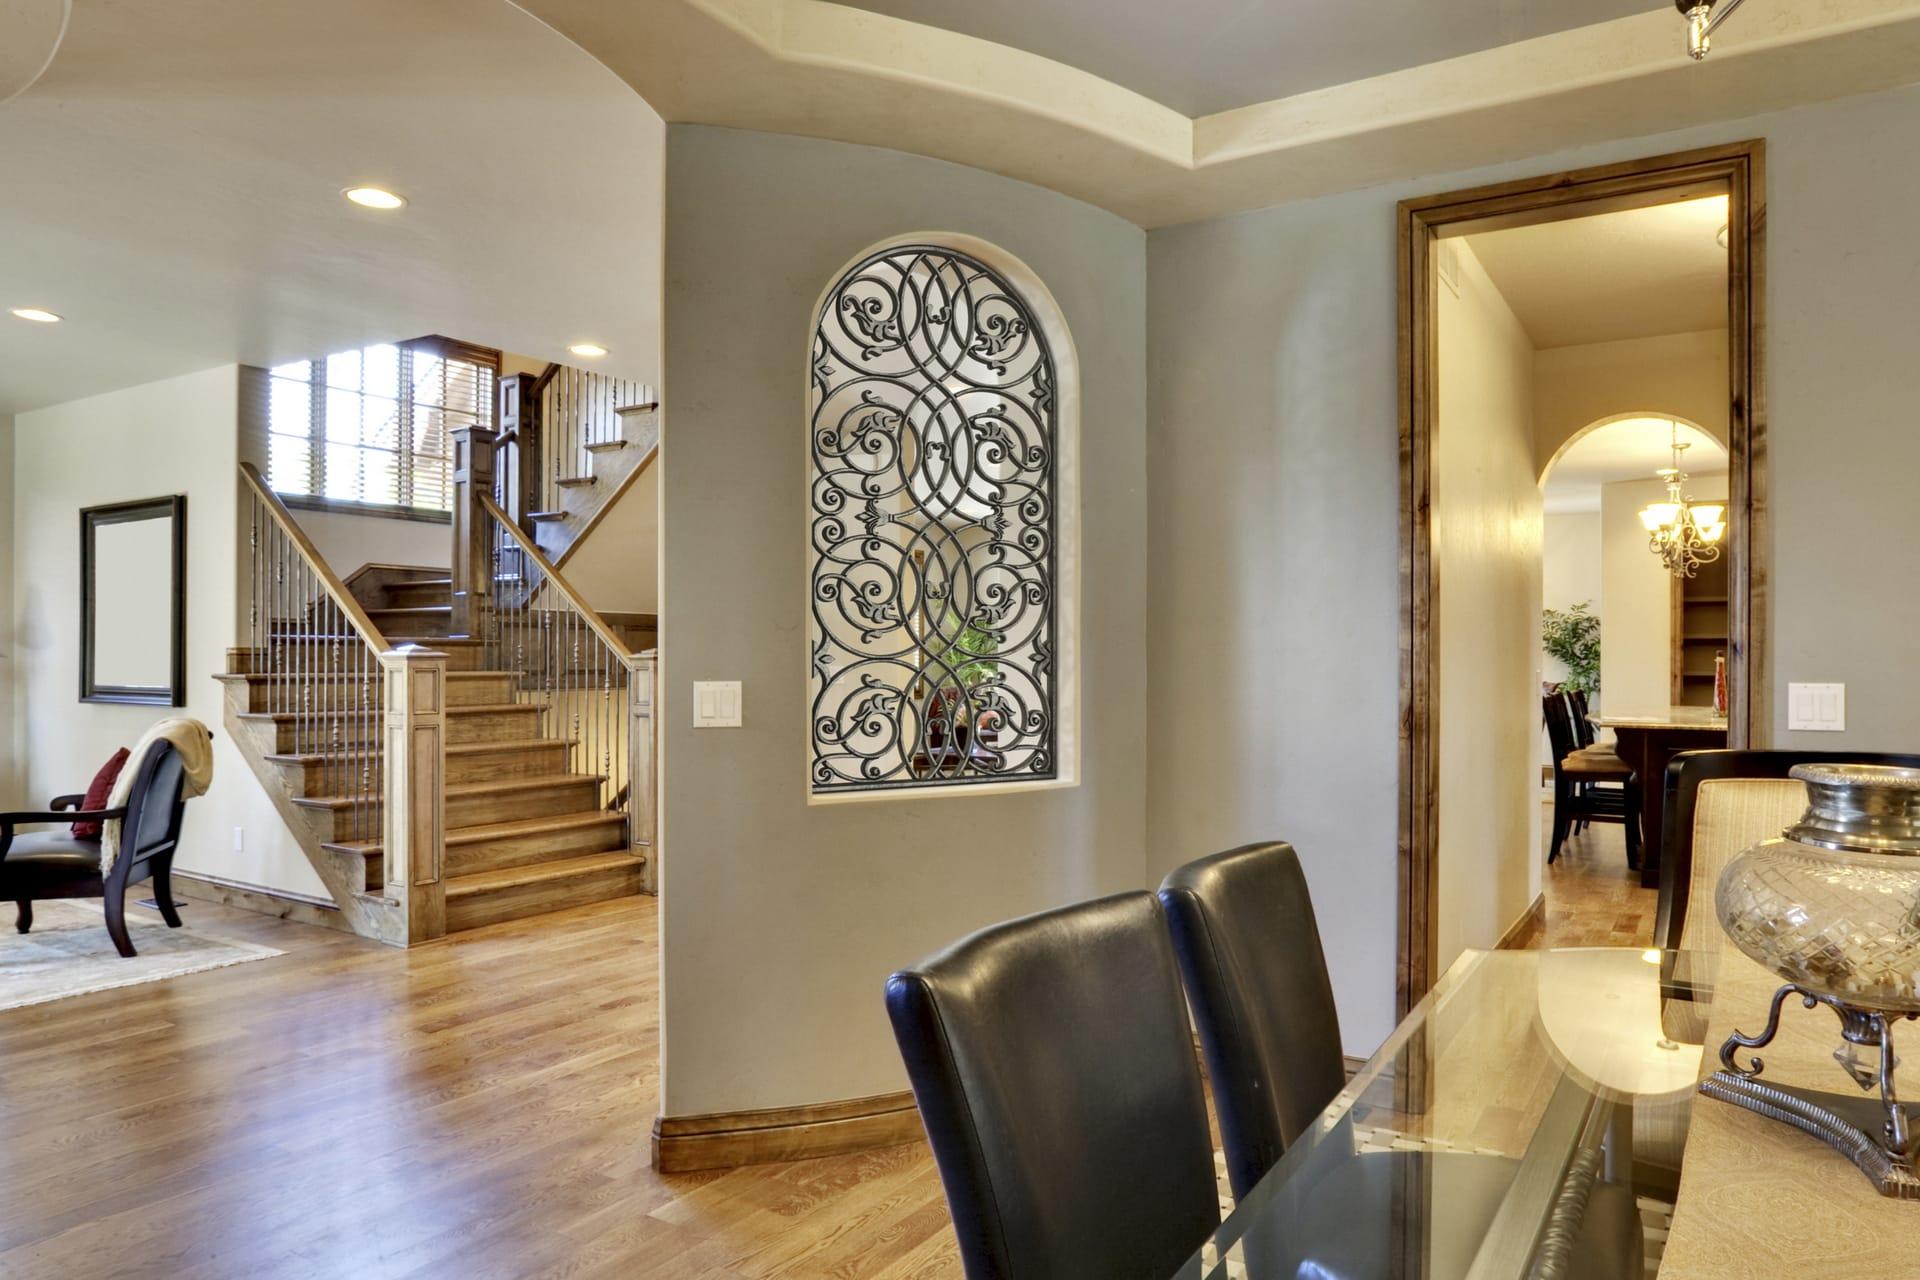 tableaux decorative grilles decorative accent